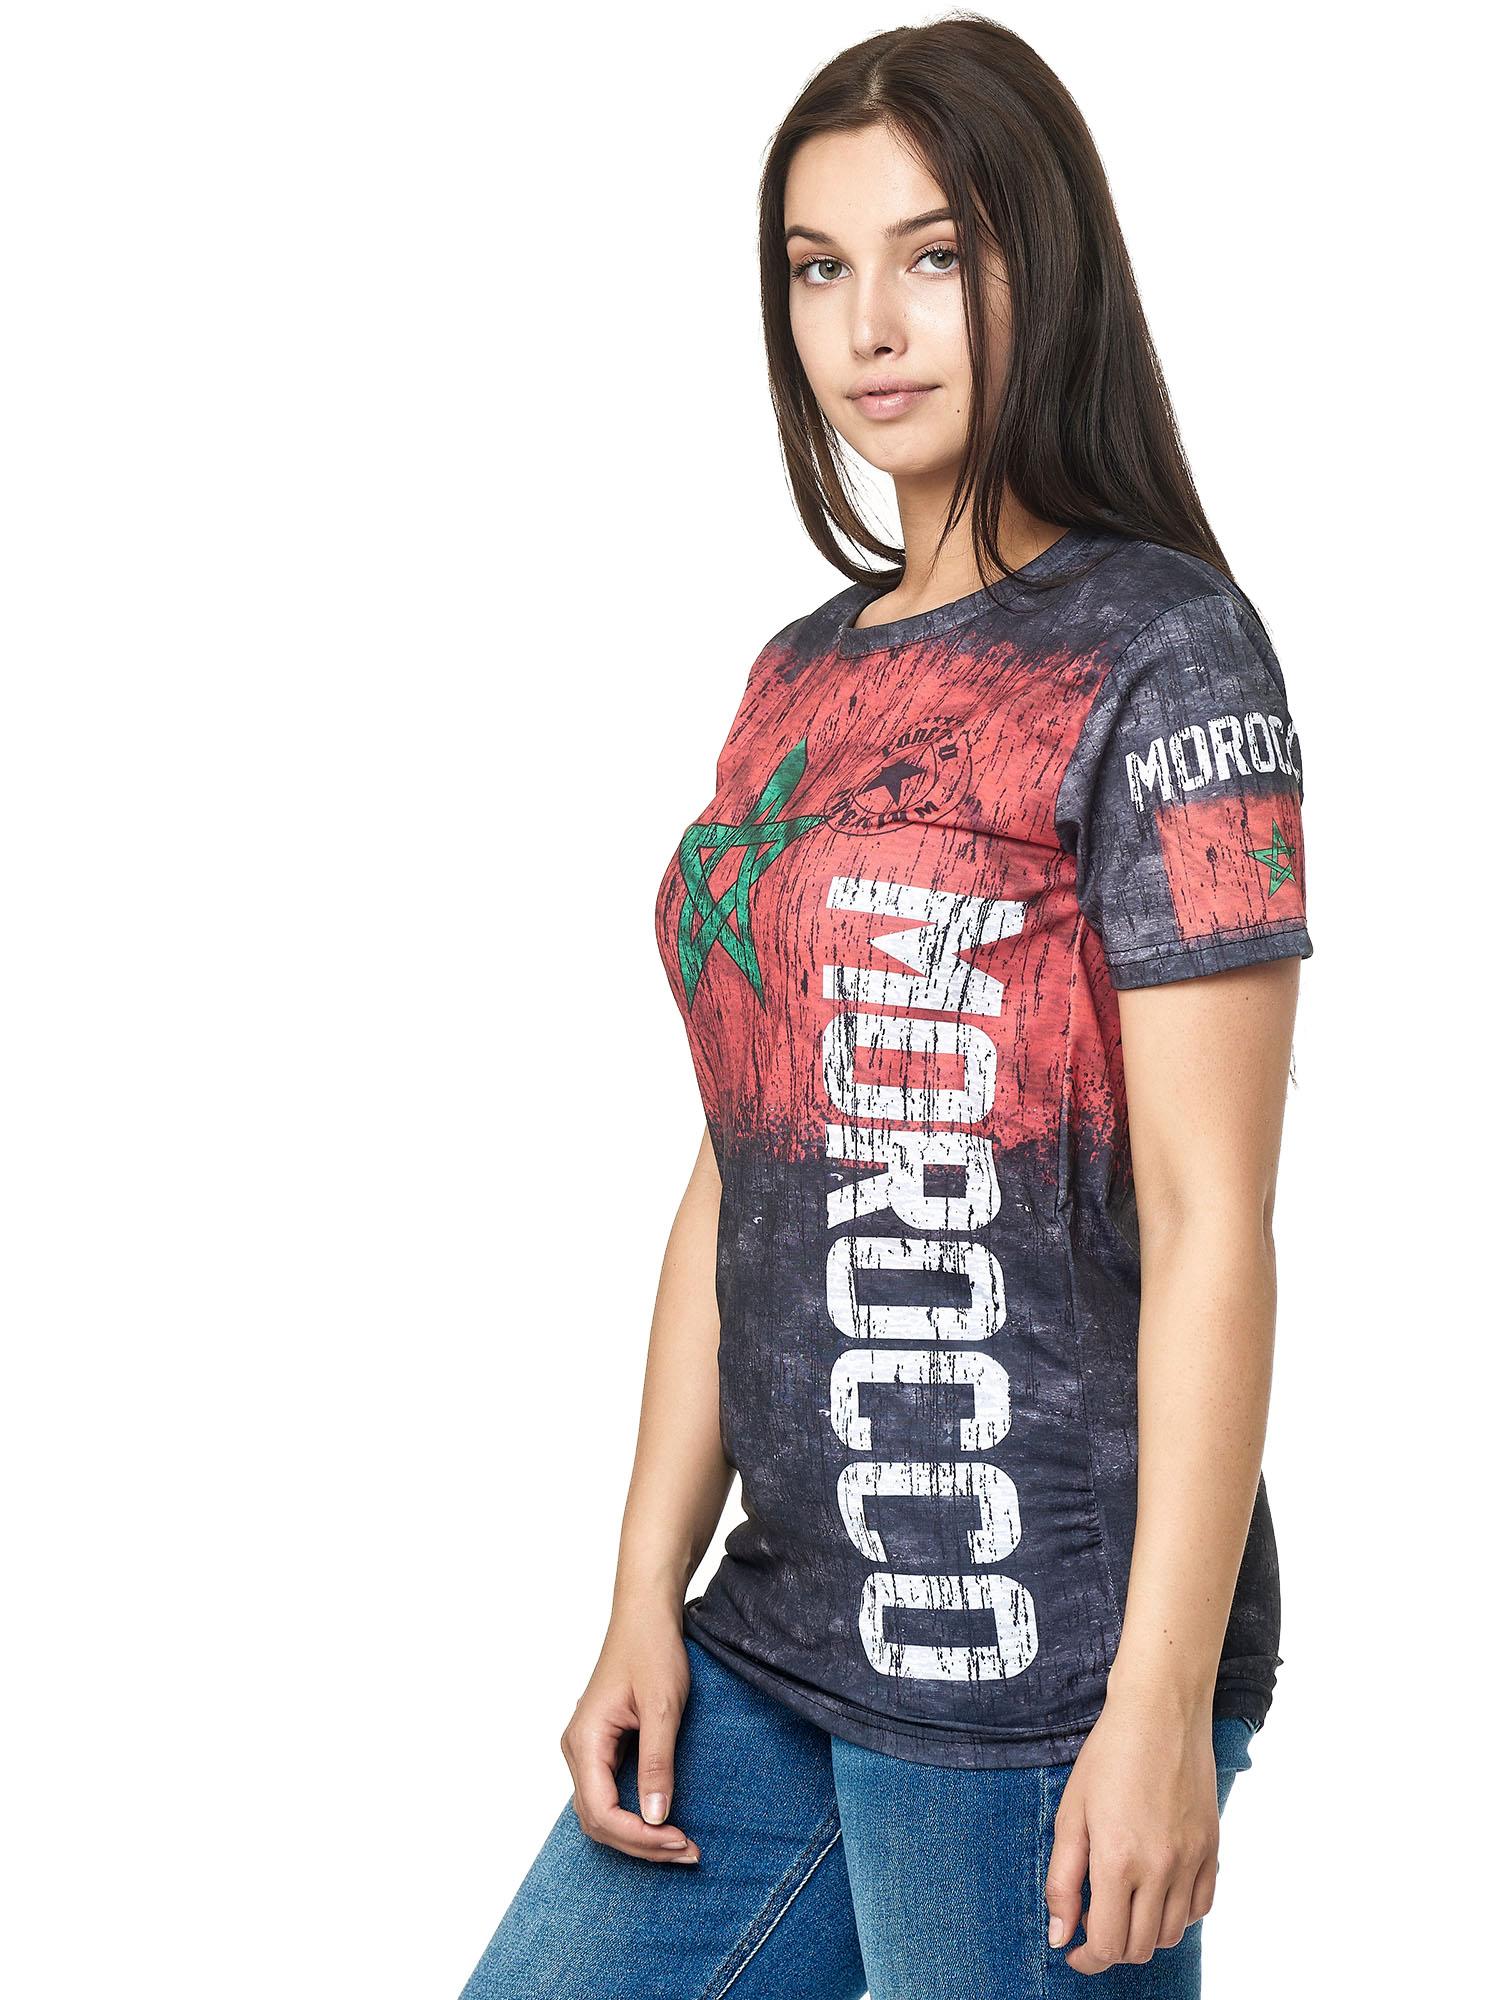 Paesi-da-Donna-T-shirt-A-Maniche-Corte-Girocollo-donne-CALCIO-Fanshirt-John-Kayna miniatura 23